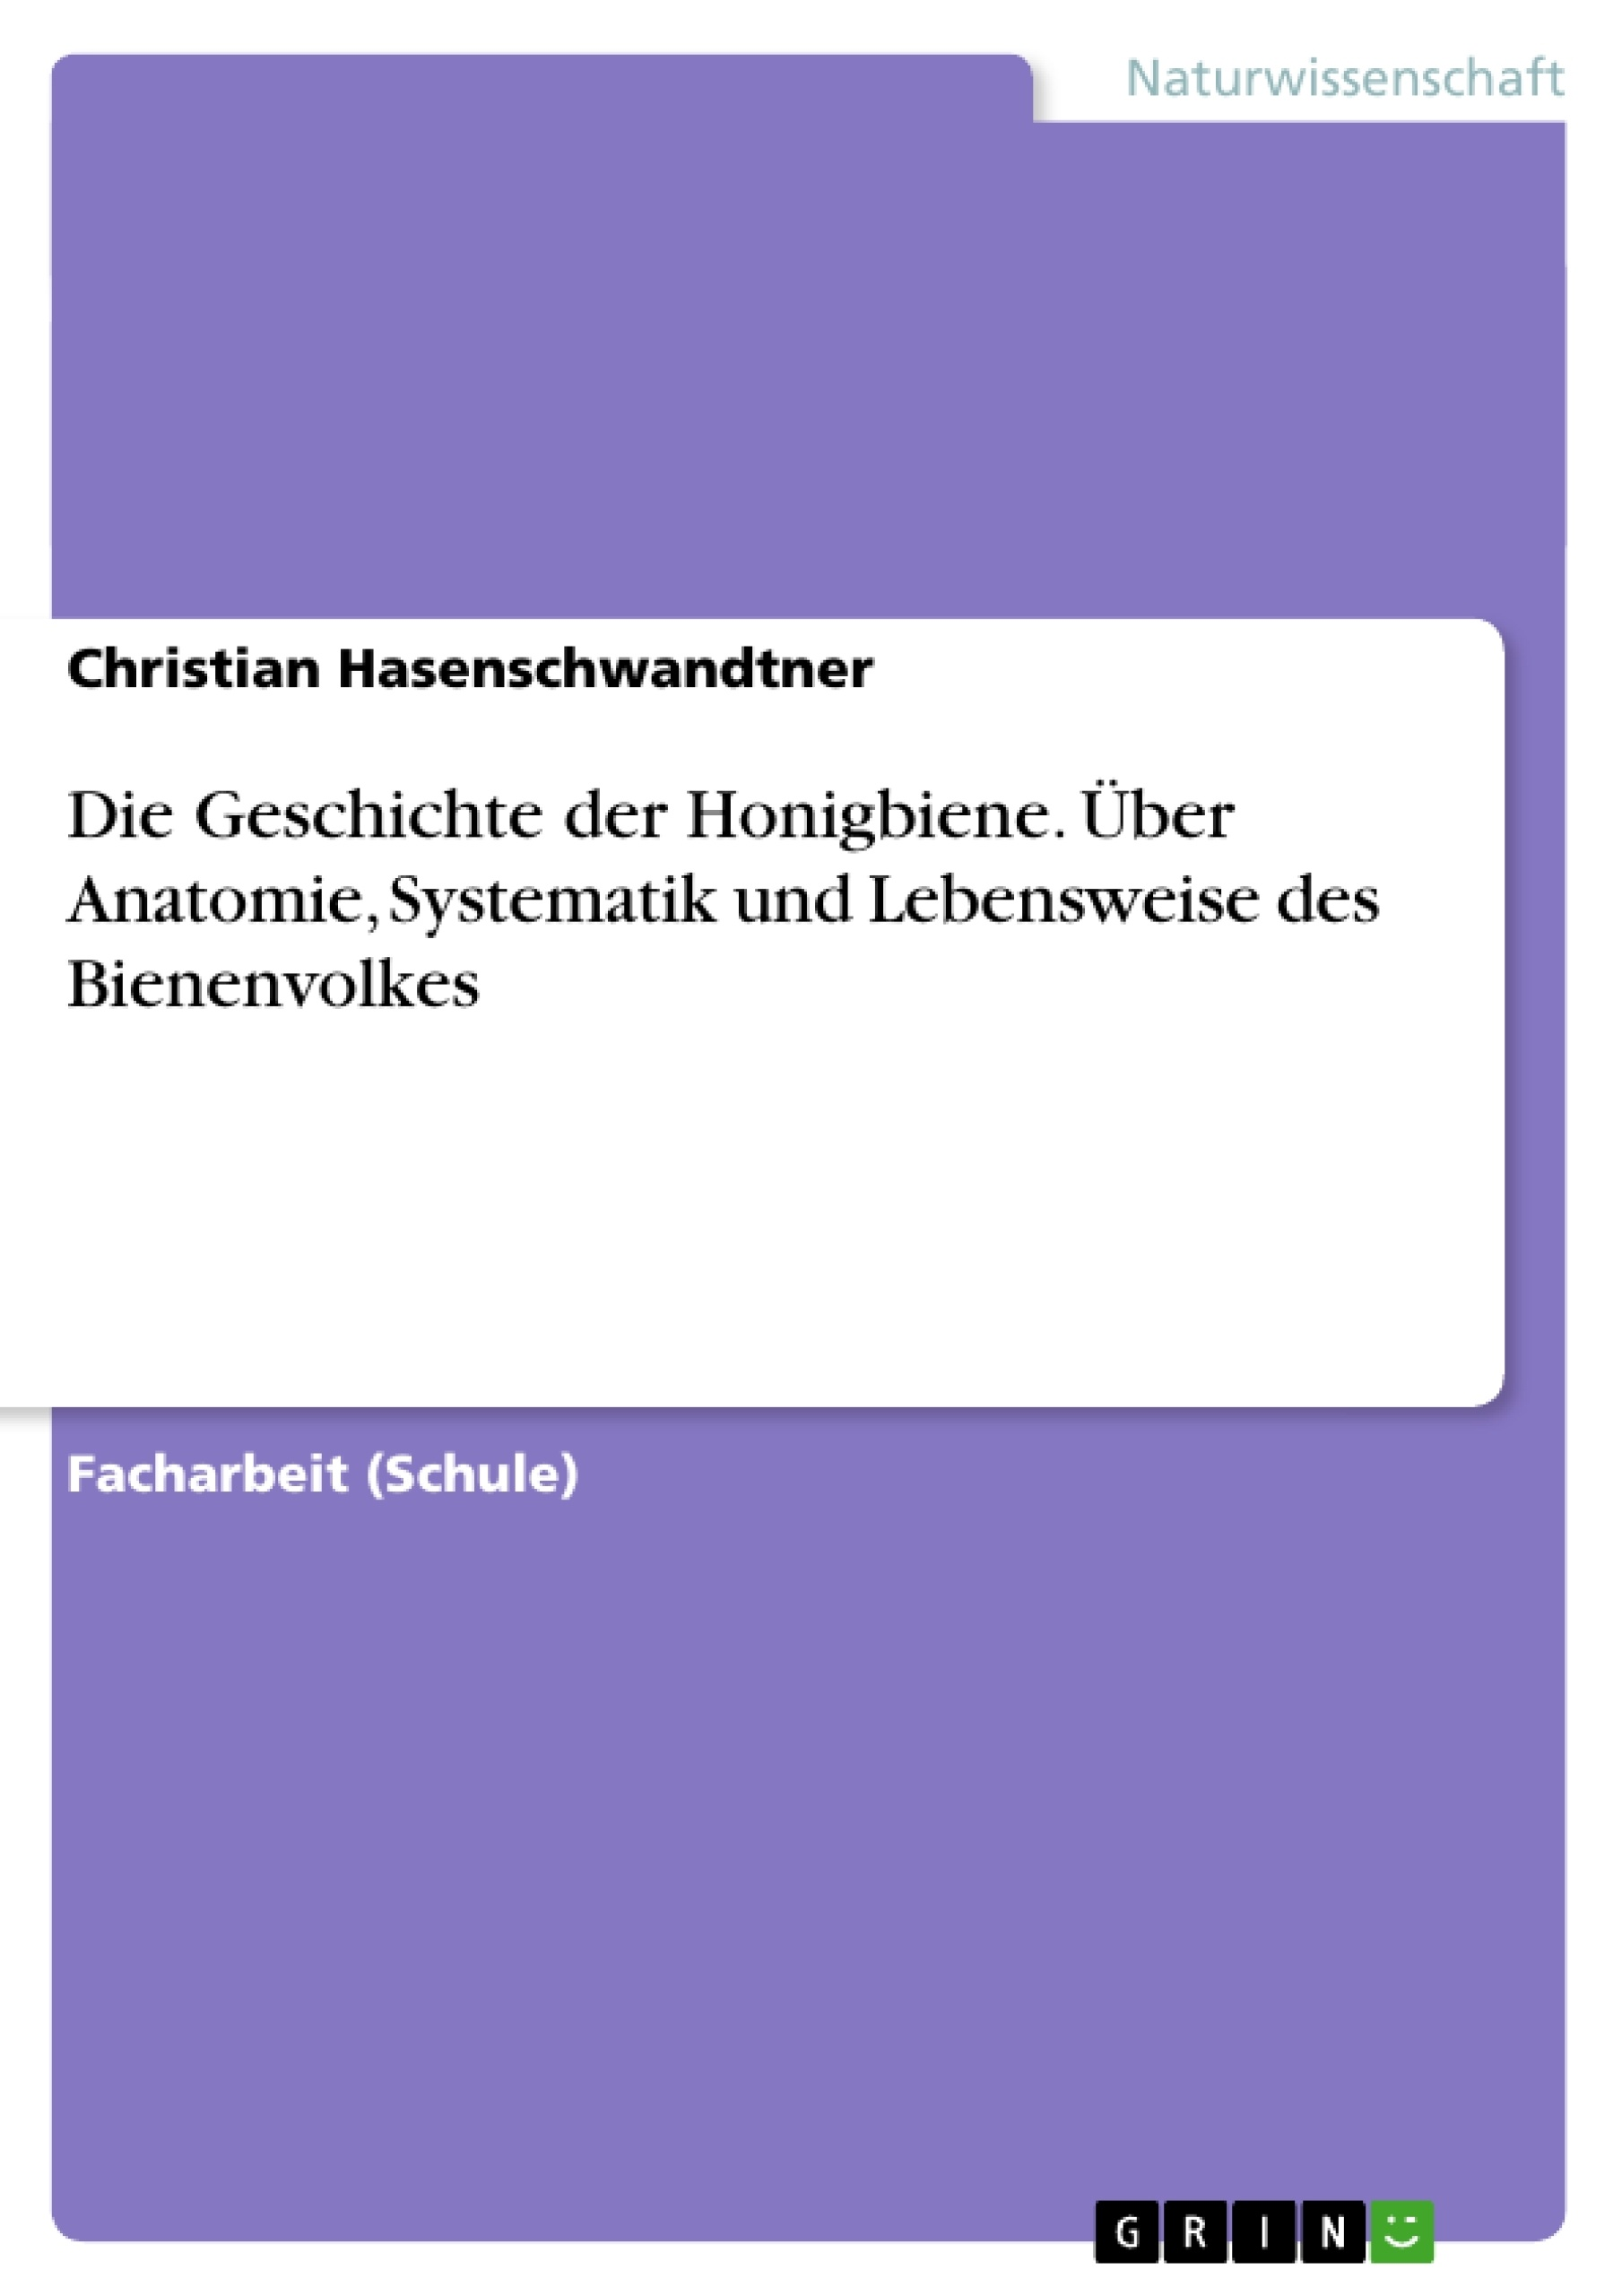 Die Geschichte der Honigbiene. Über Anatomie, Systematik und ...